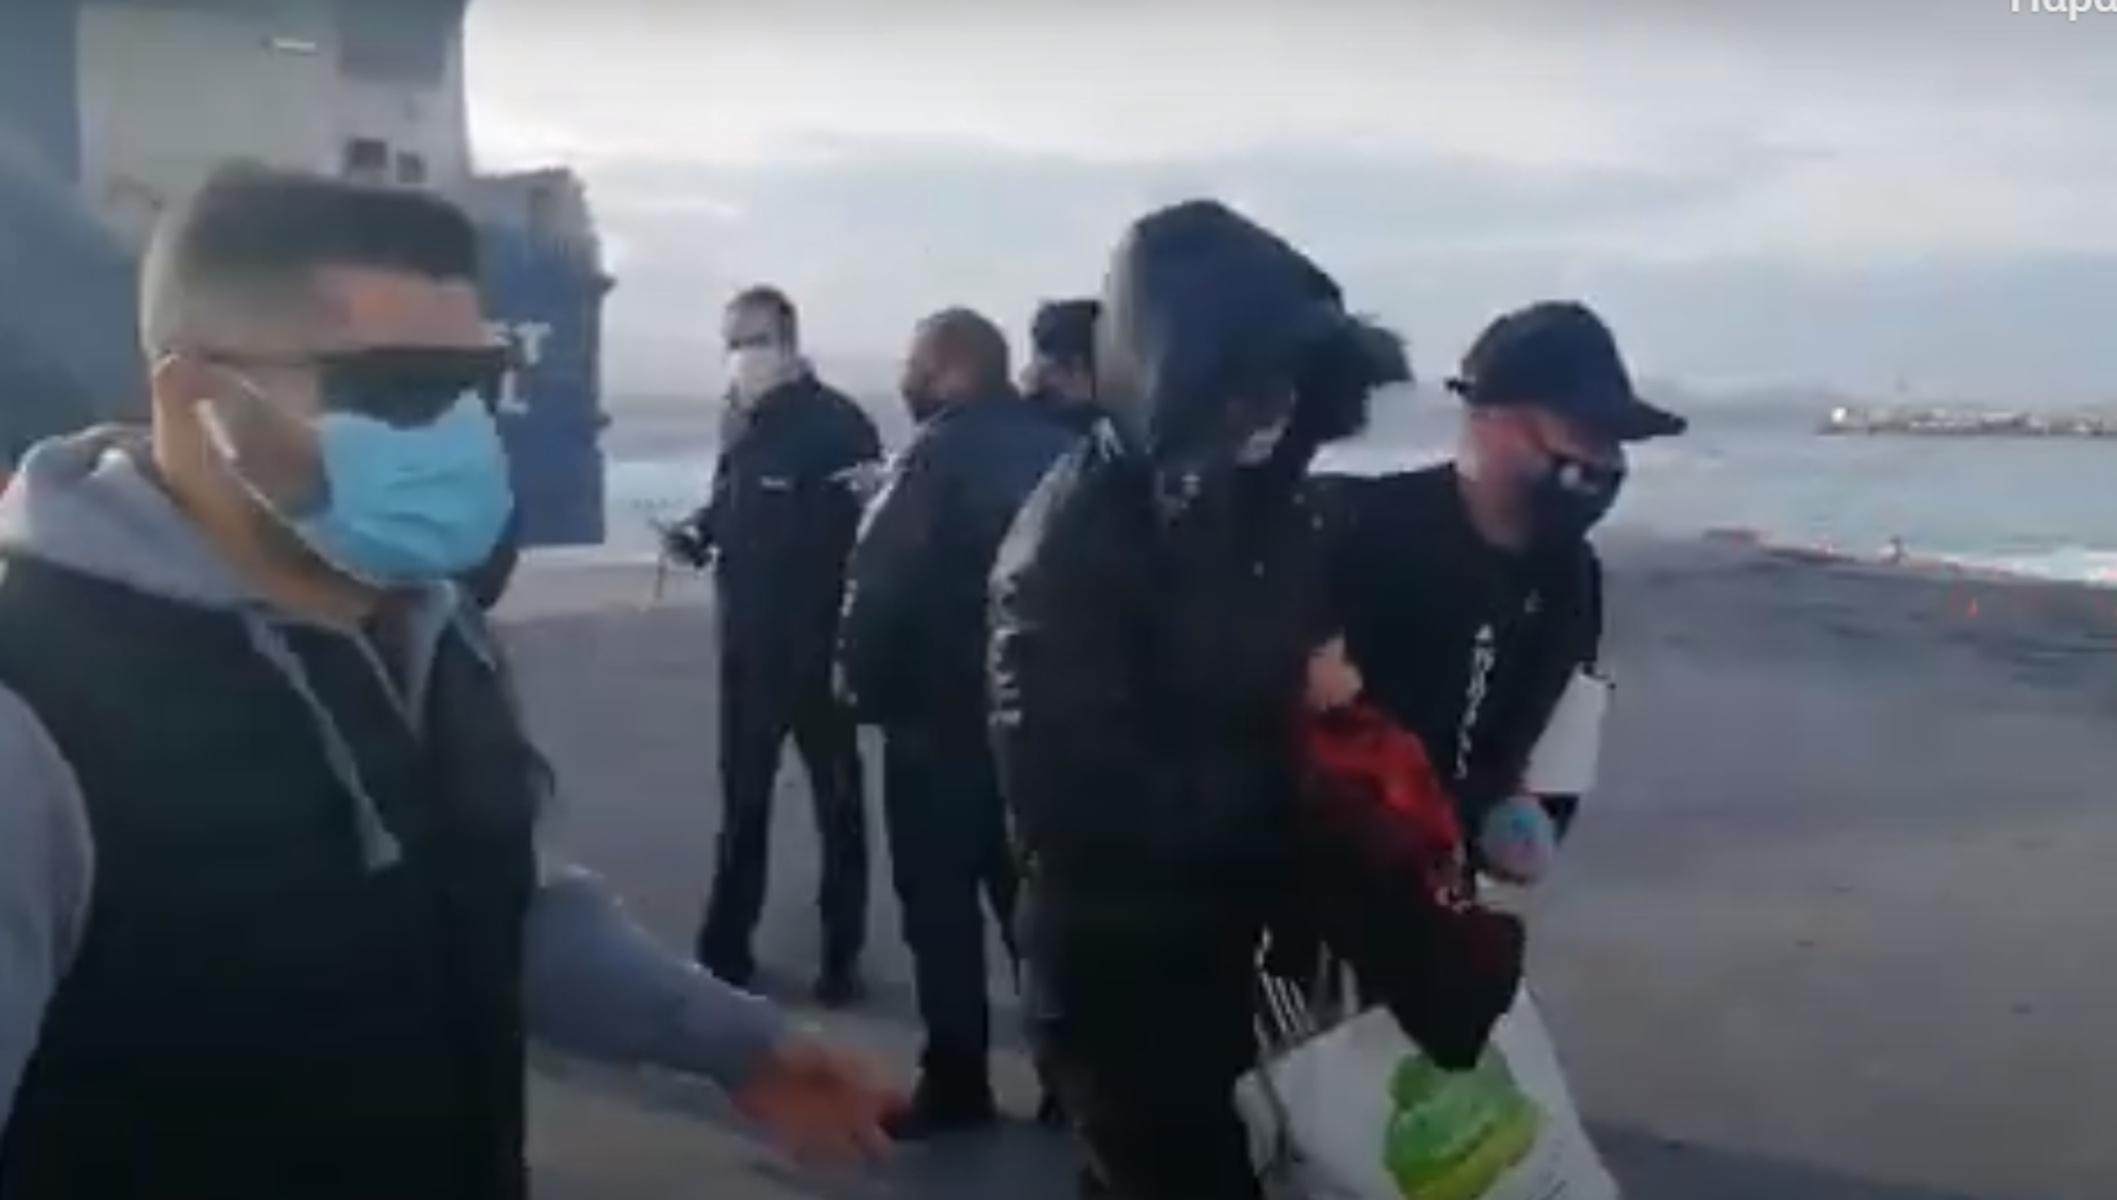 Στην εισαγγελία Νάξου ο δράστης της δολοφονίας του ξενοδόχου στη Σαντορίνη